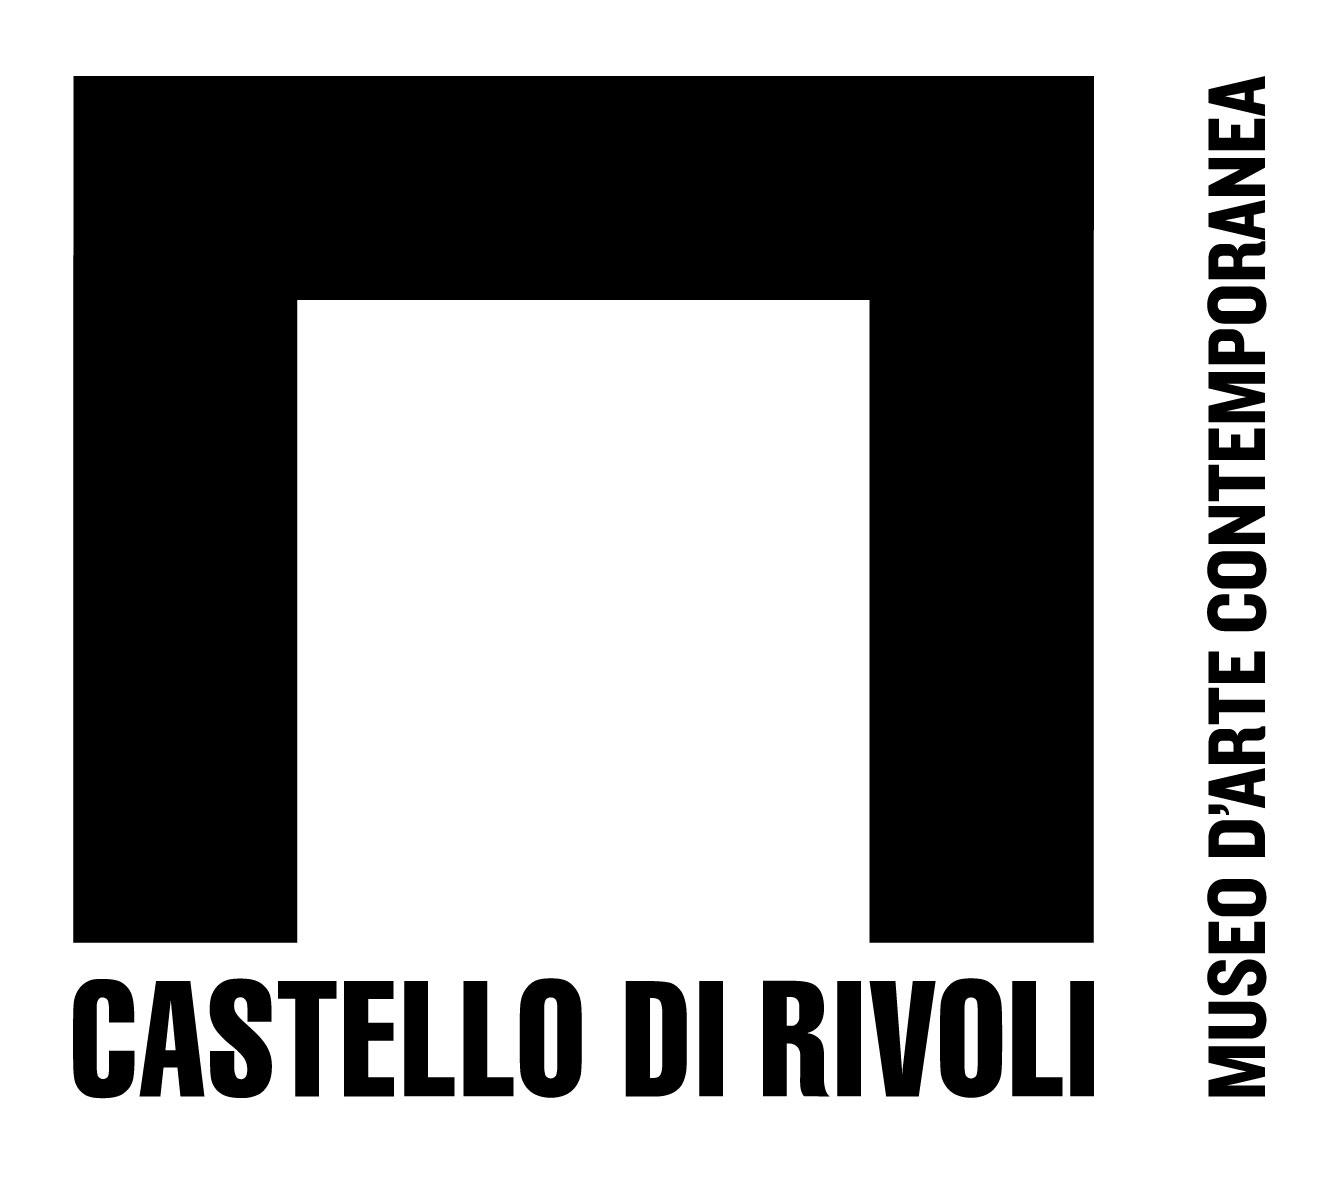 Museo d'Arte Contemporanea Castello di Rivoli - Dipartimento Educazione